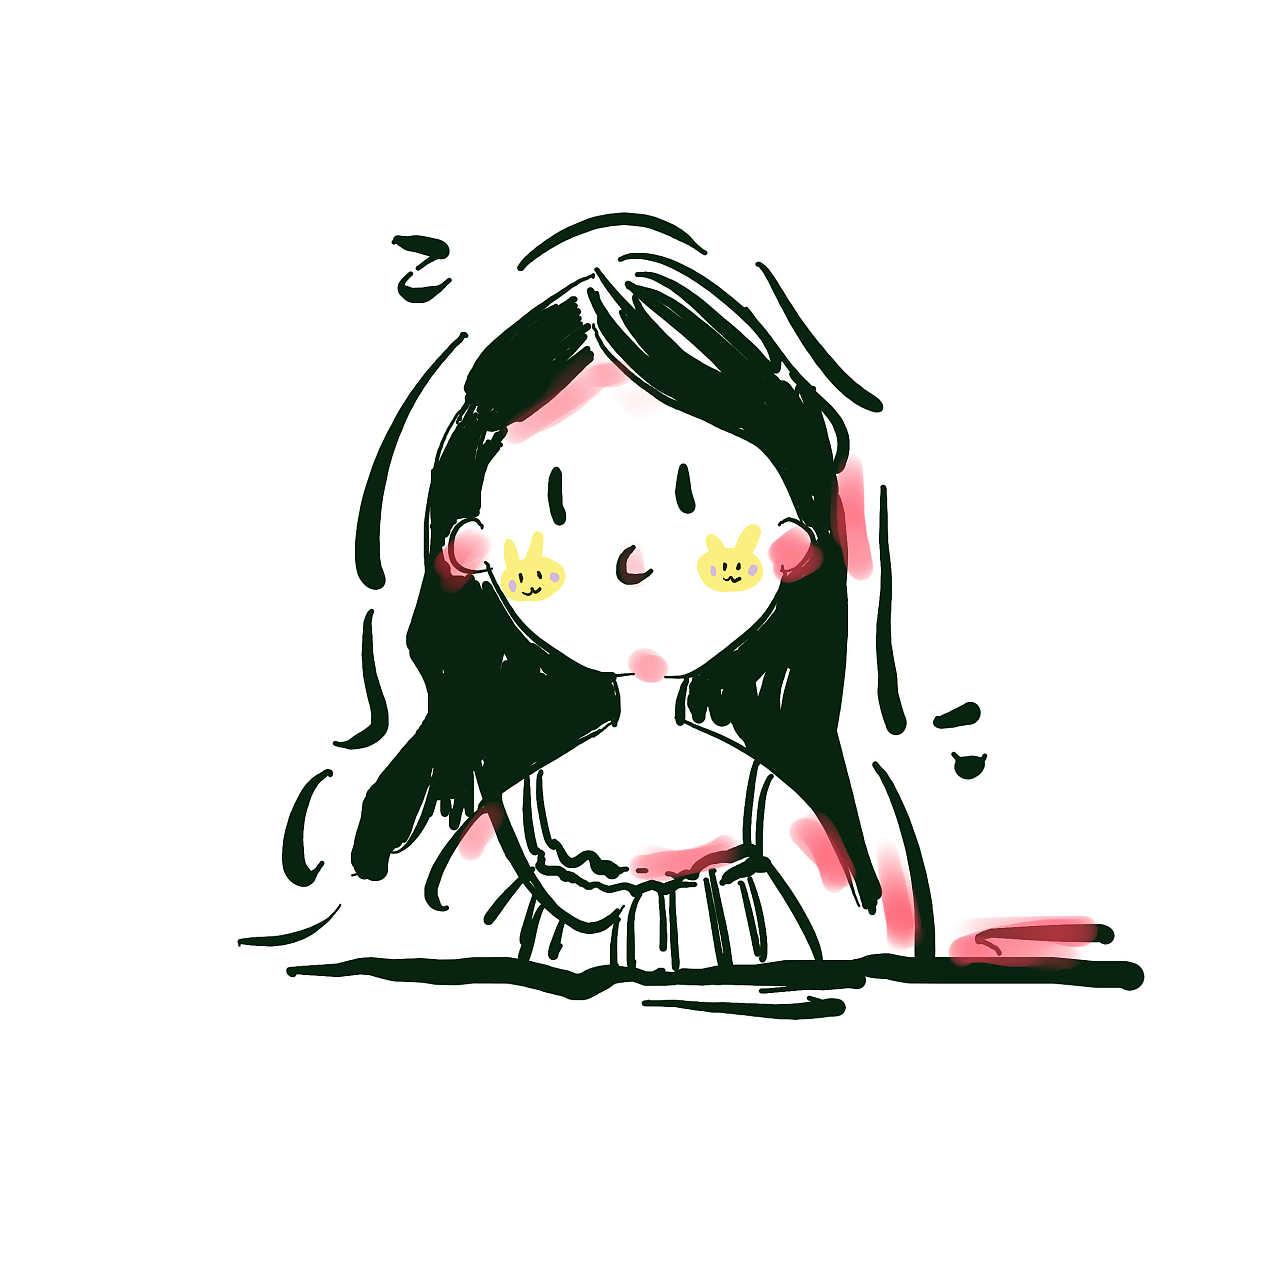 手绘头像 动漫 肖像漫画 小香港石原里美 - 原创作品